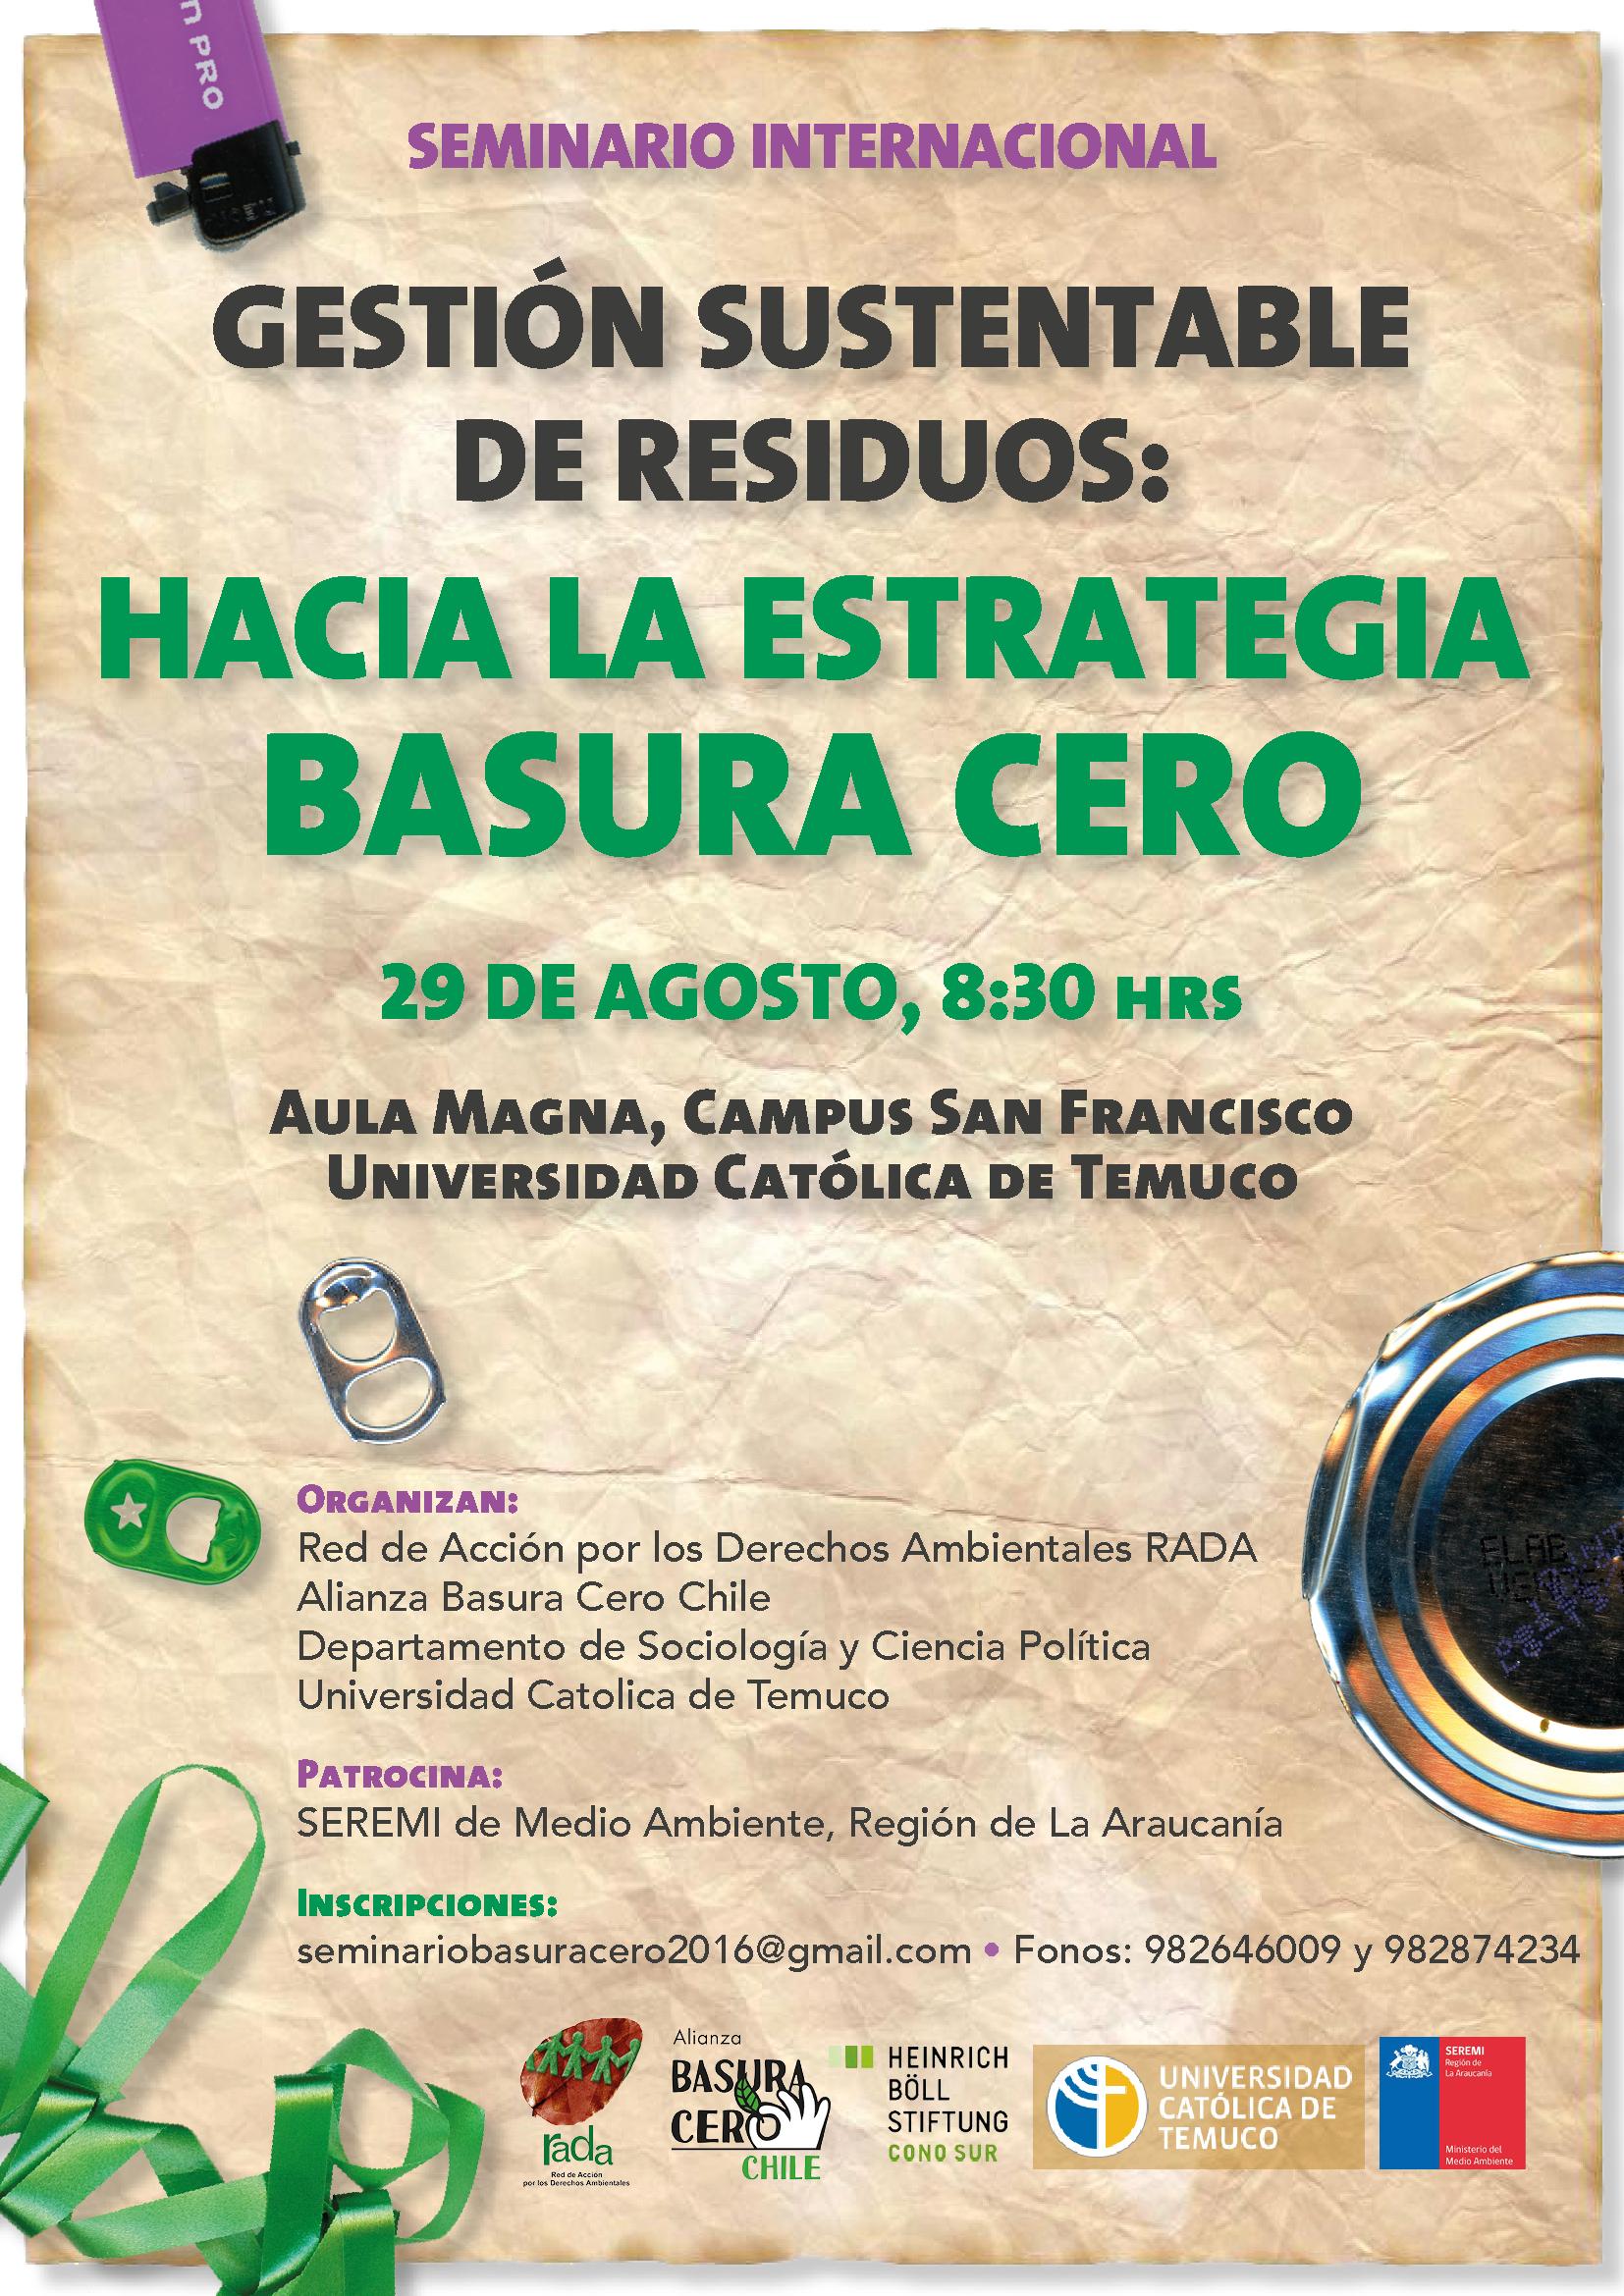 """Seminario Internacional """"Gestión Sustentable de Residuos: Hacia la Estrategia Basura Cero"""""""